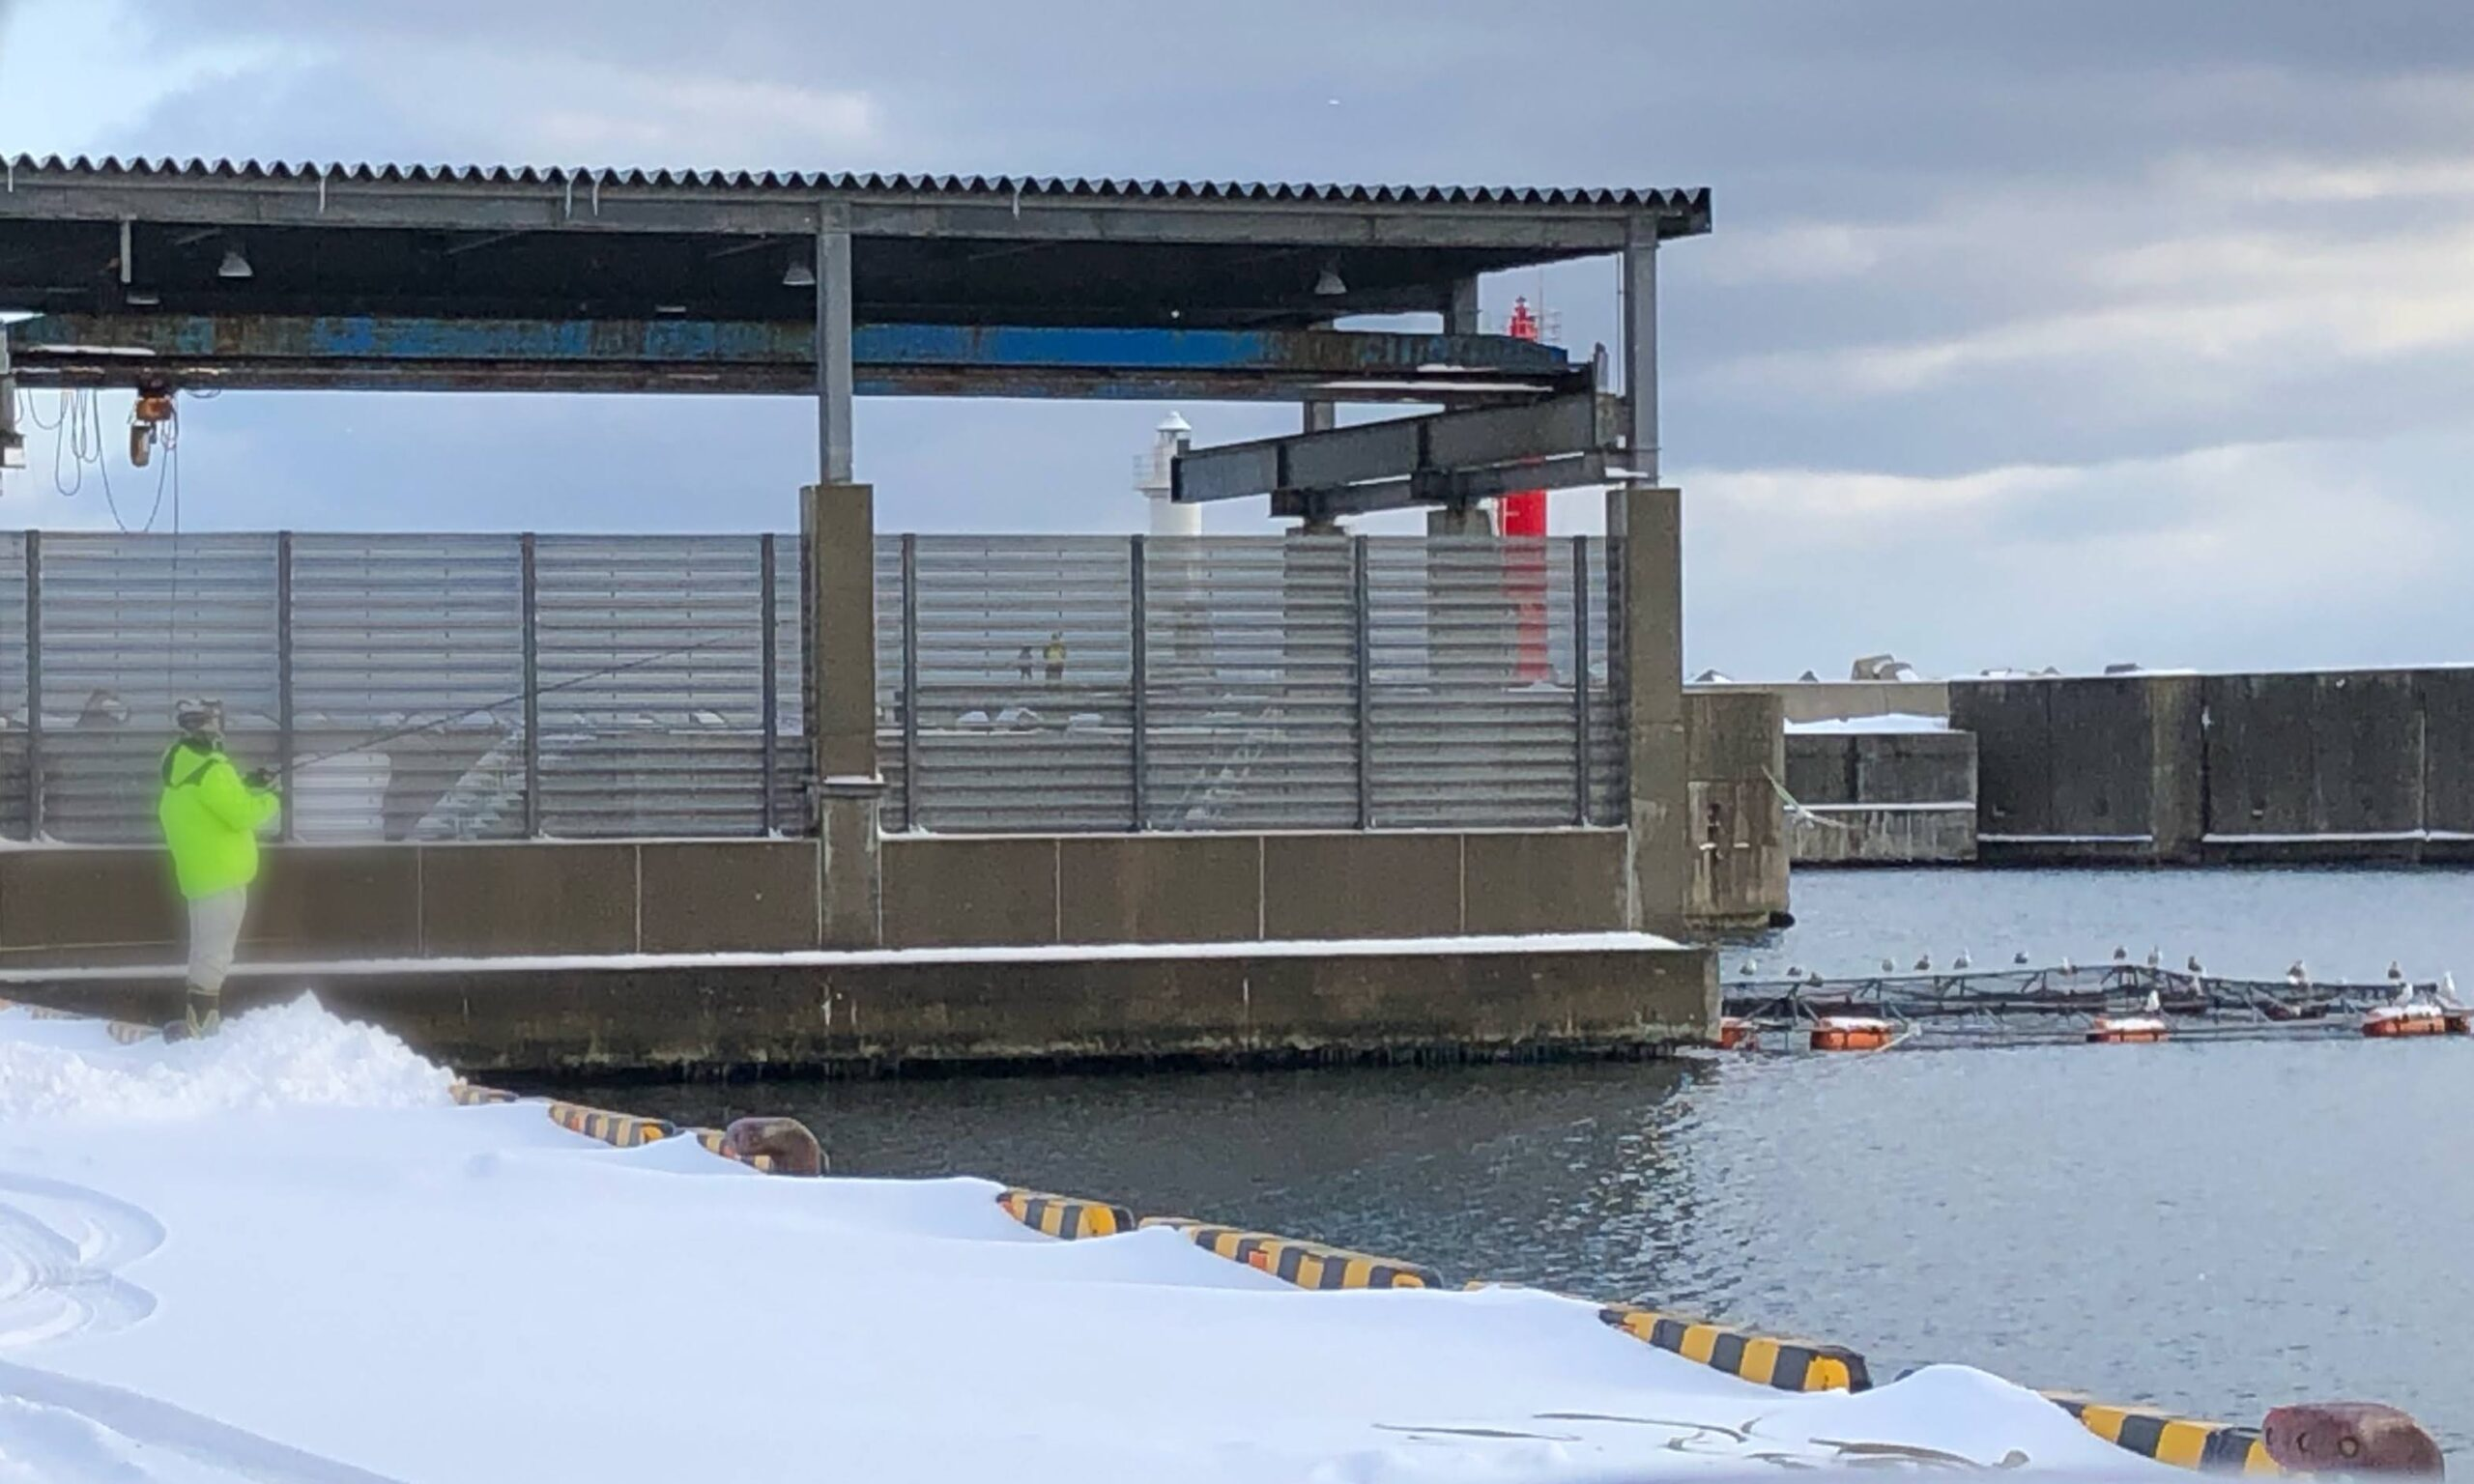 熊石漁港 ホッケ 釣り 2021年 2月